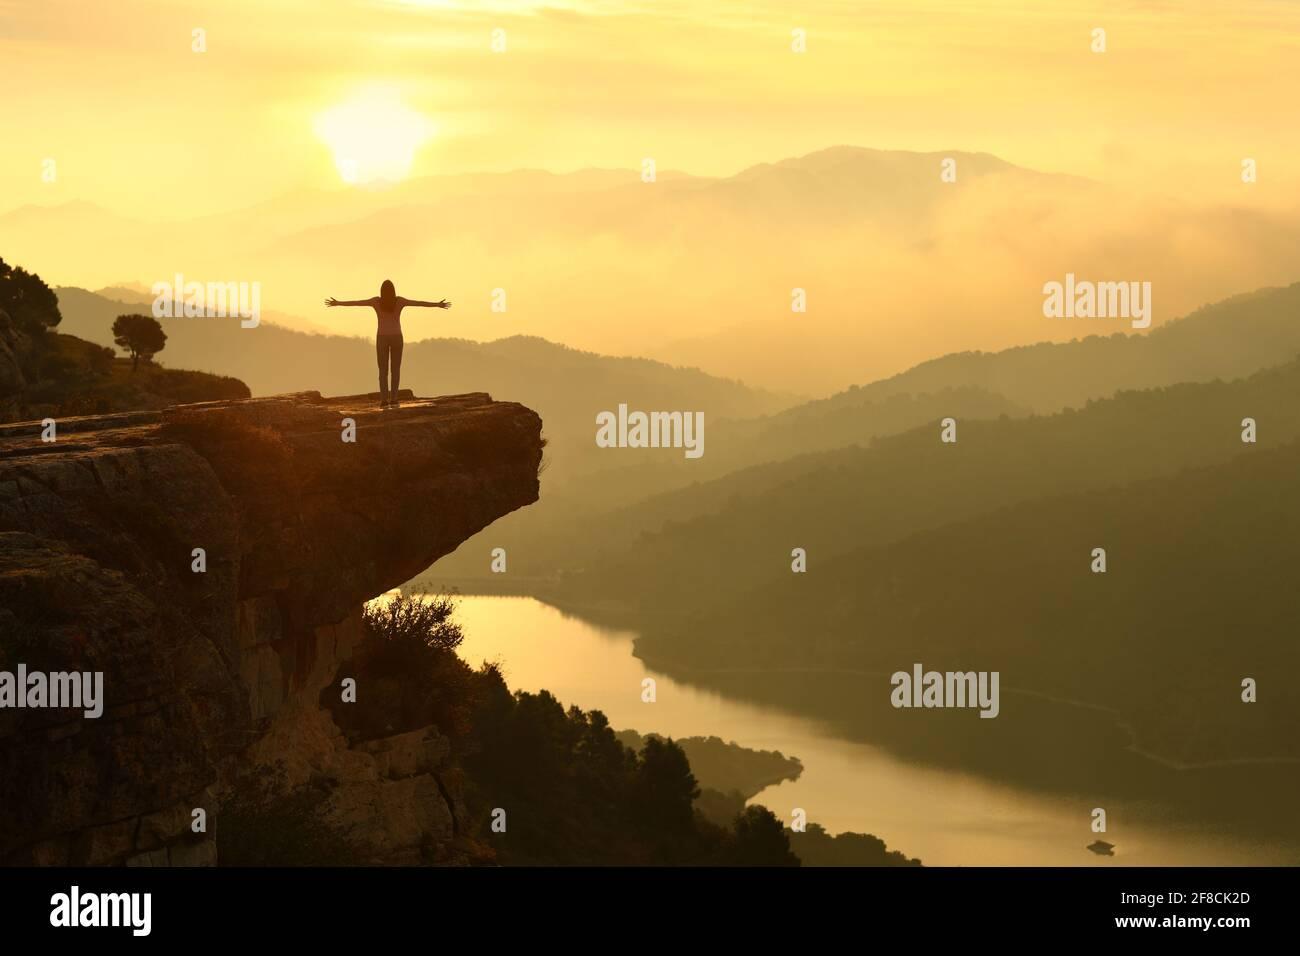 Indietro ritratto di una silhouette donna che celebra il successo in un bellissimo paesaggio di tramonto Foto Stock